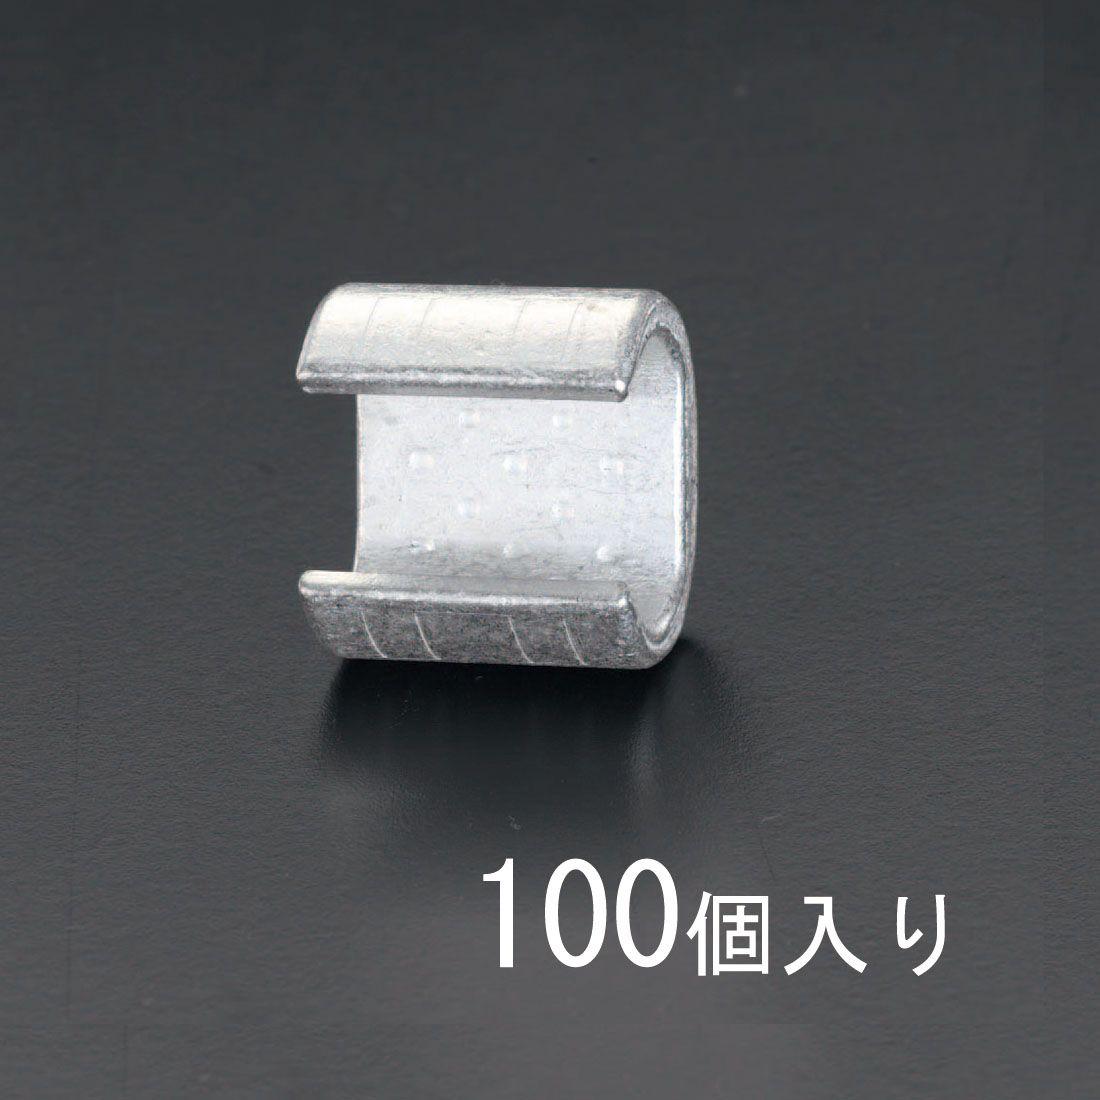 【メーカー在庫あり】 エスコ ESCO 61.0-76.0mm2 T形コネクター(100個) 000012027193 HD